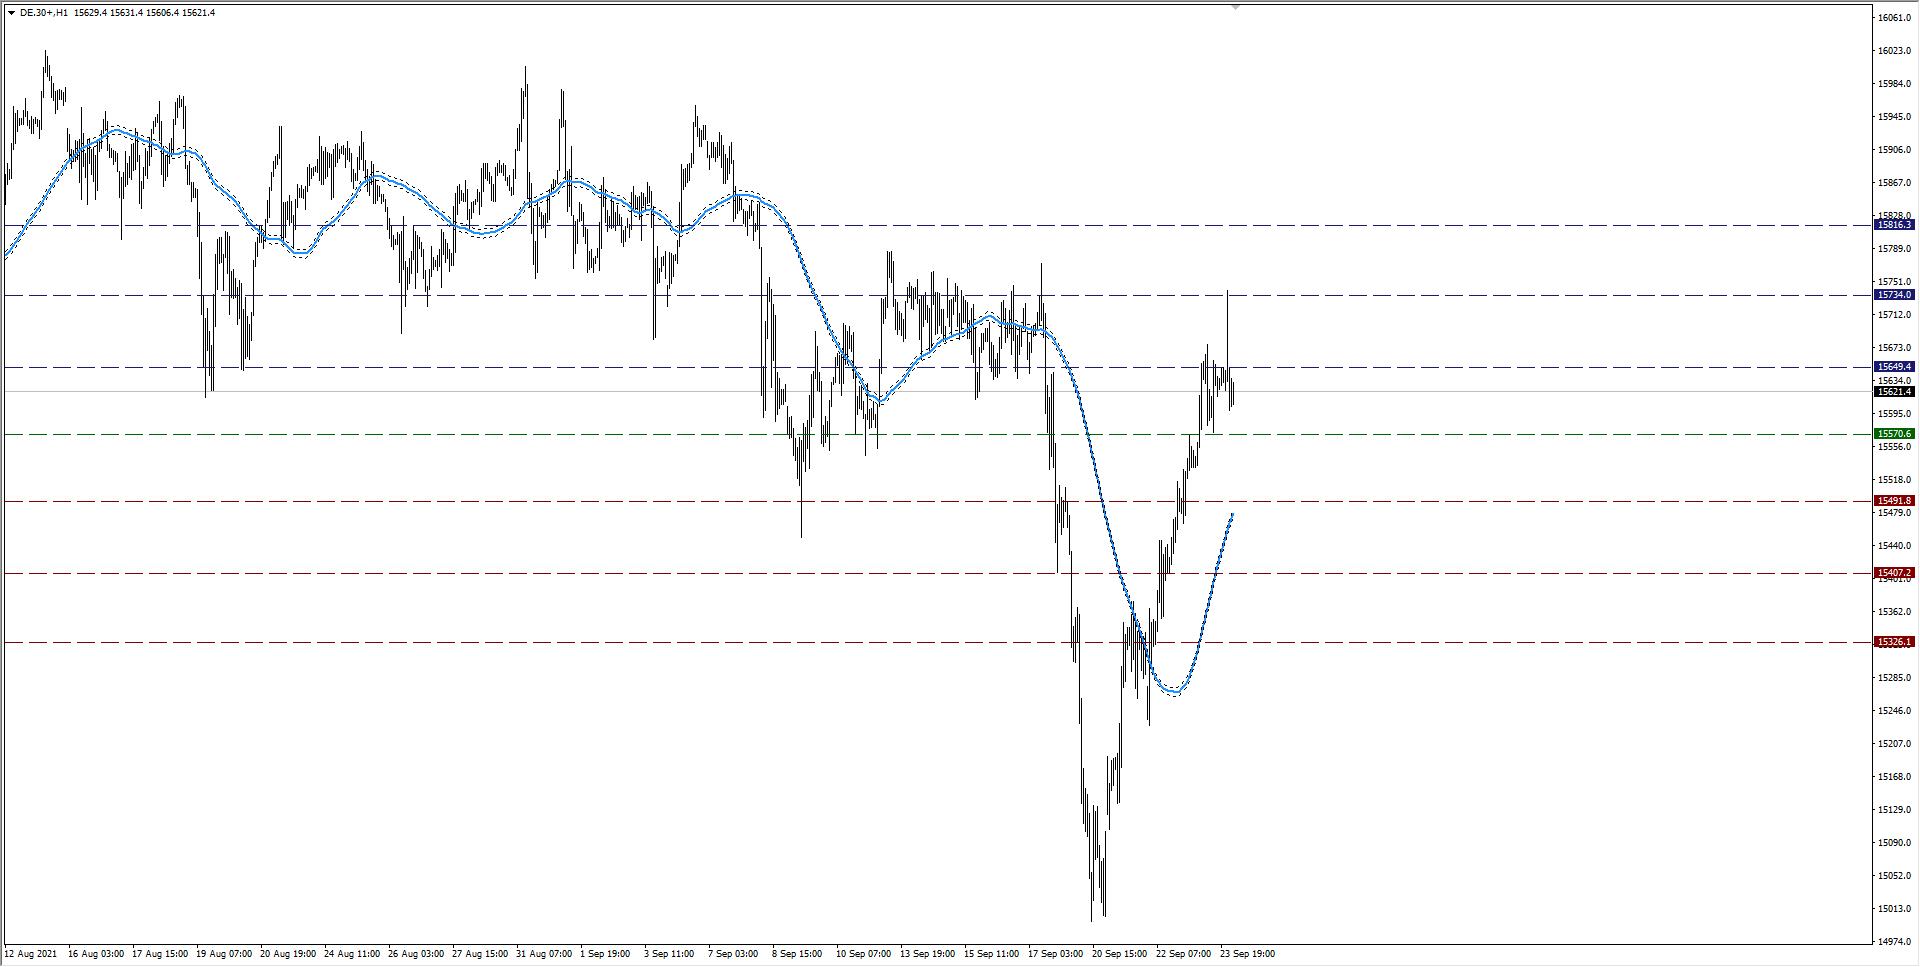 Wykres podchodzi do zakresu R3, czas na drobne korekty